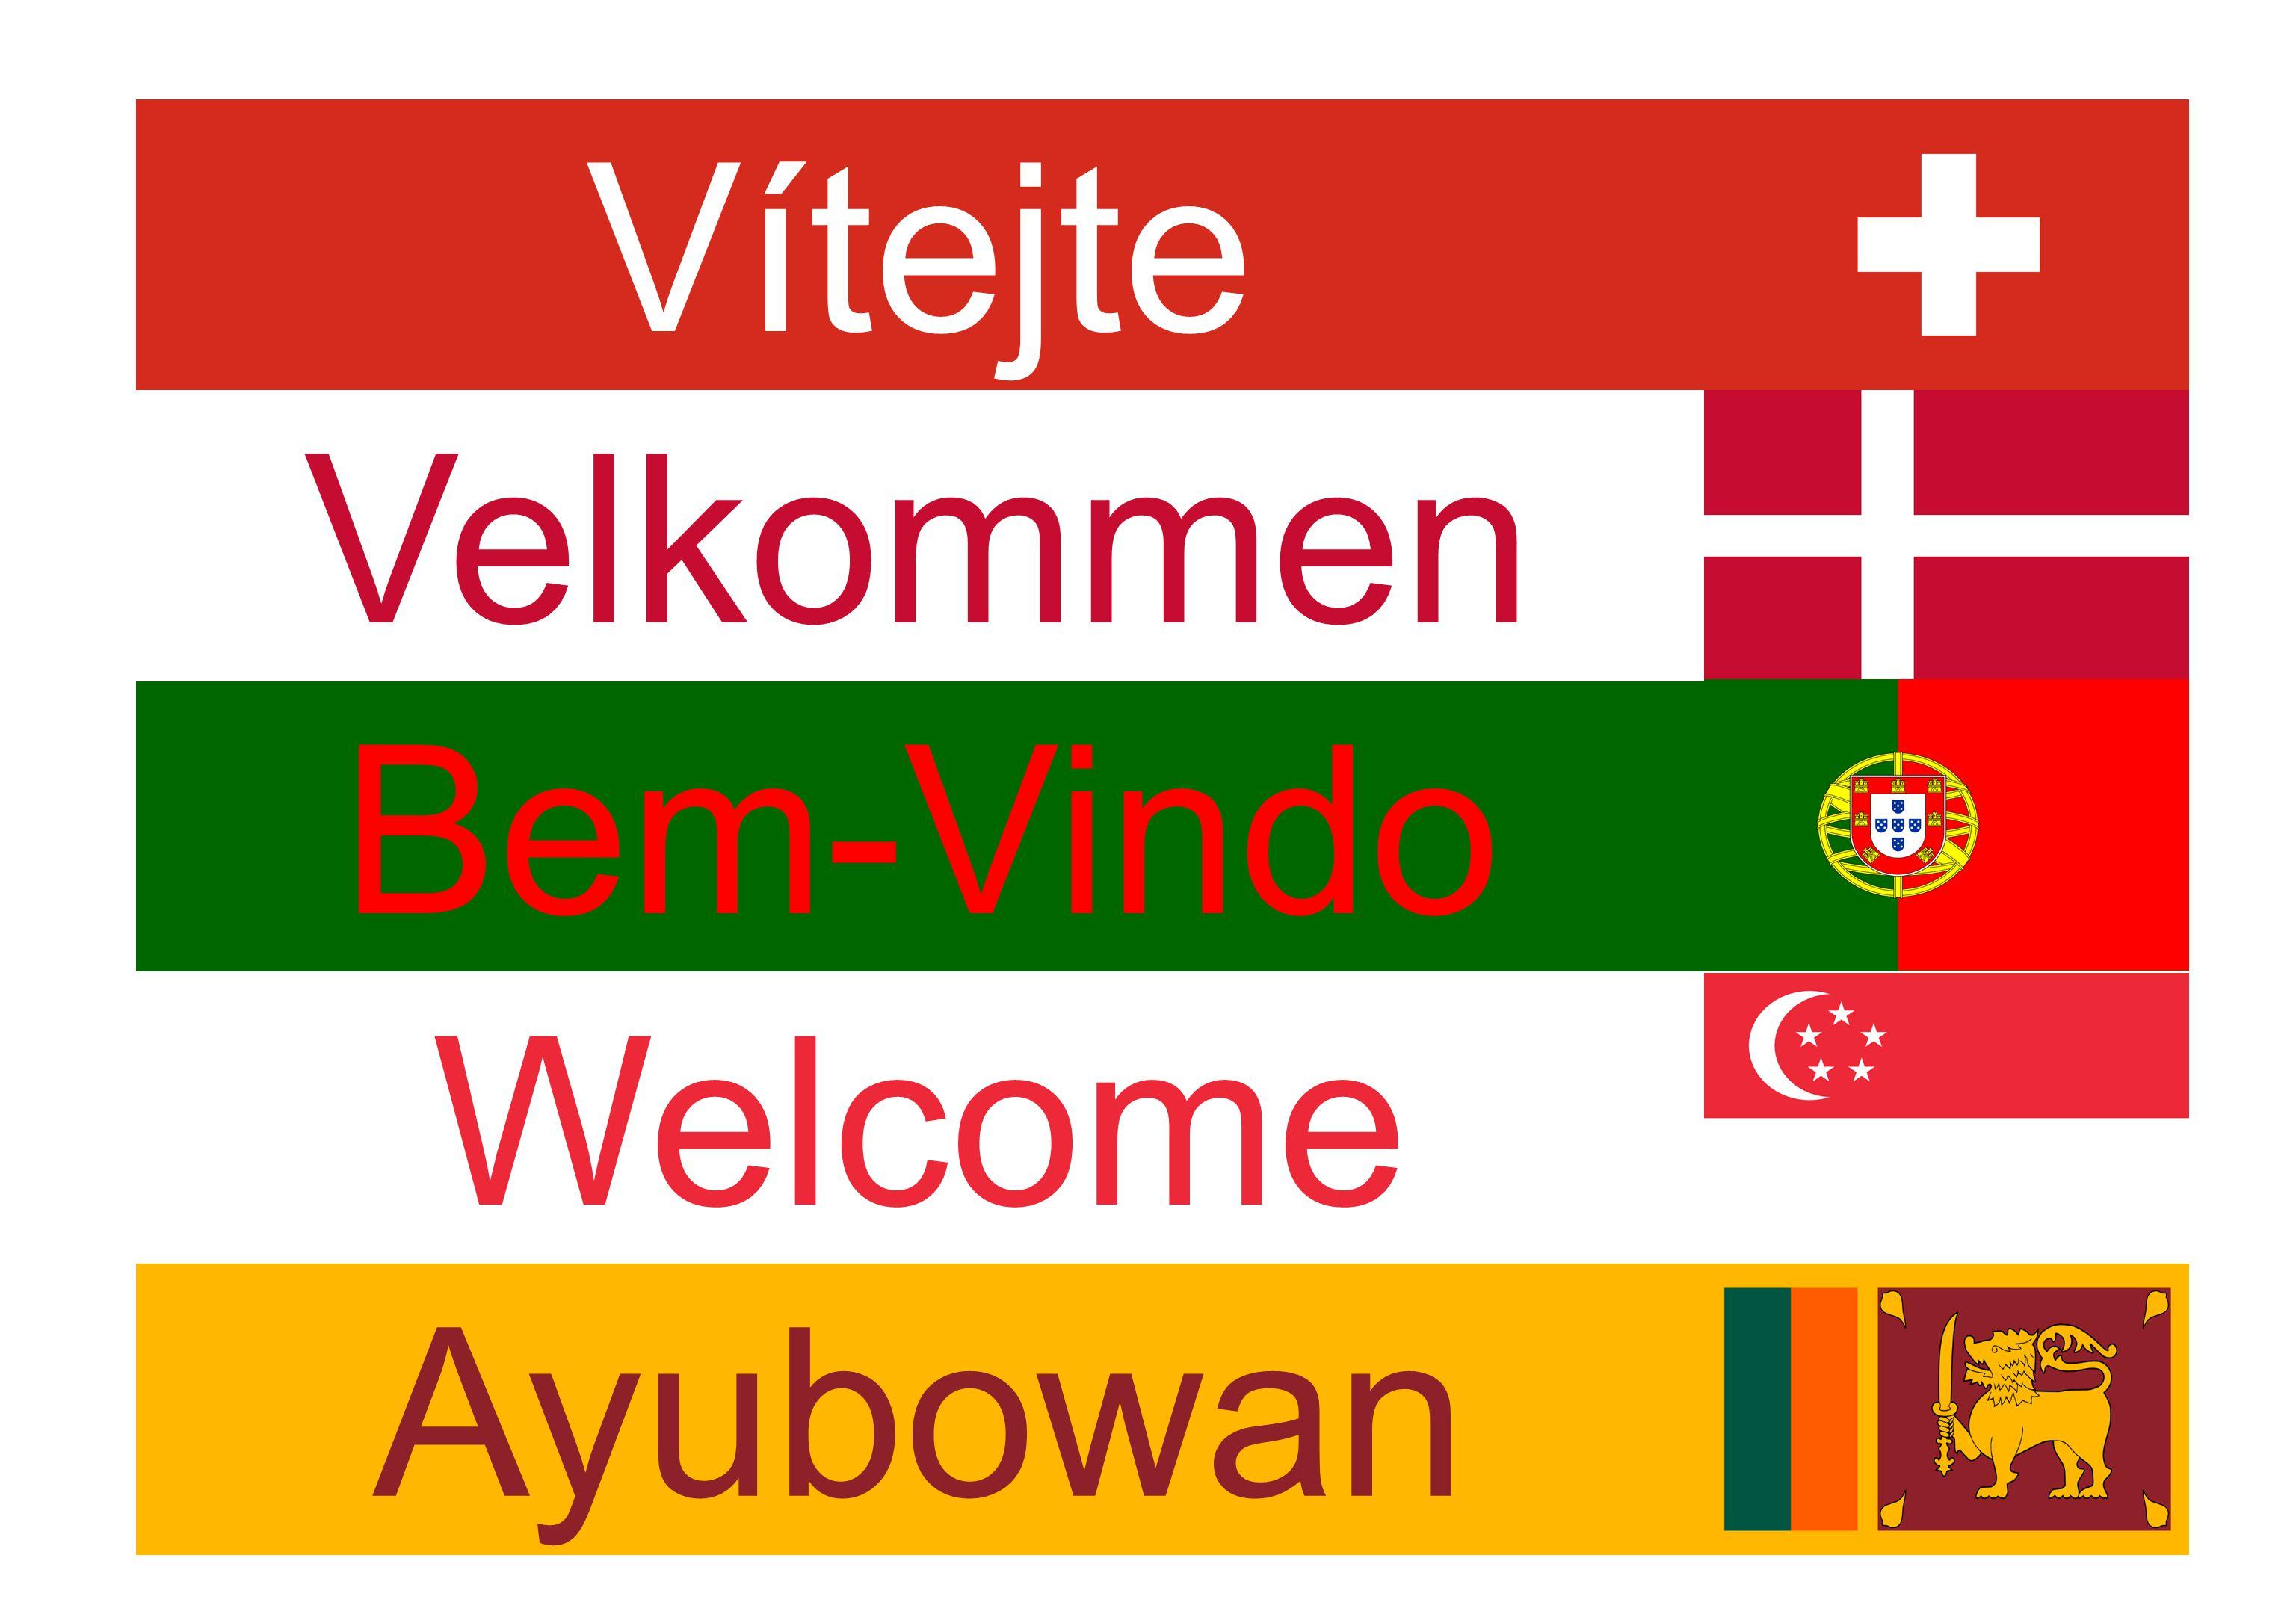 Ayubowan Welcome Velkommen Vítejte Bem-Vindo